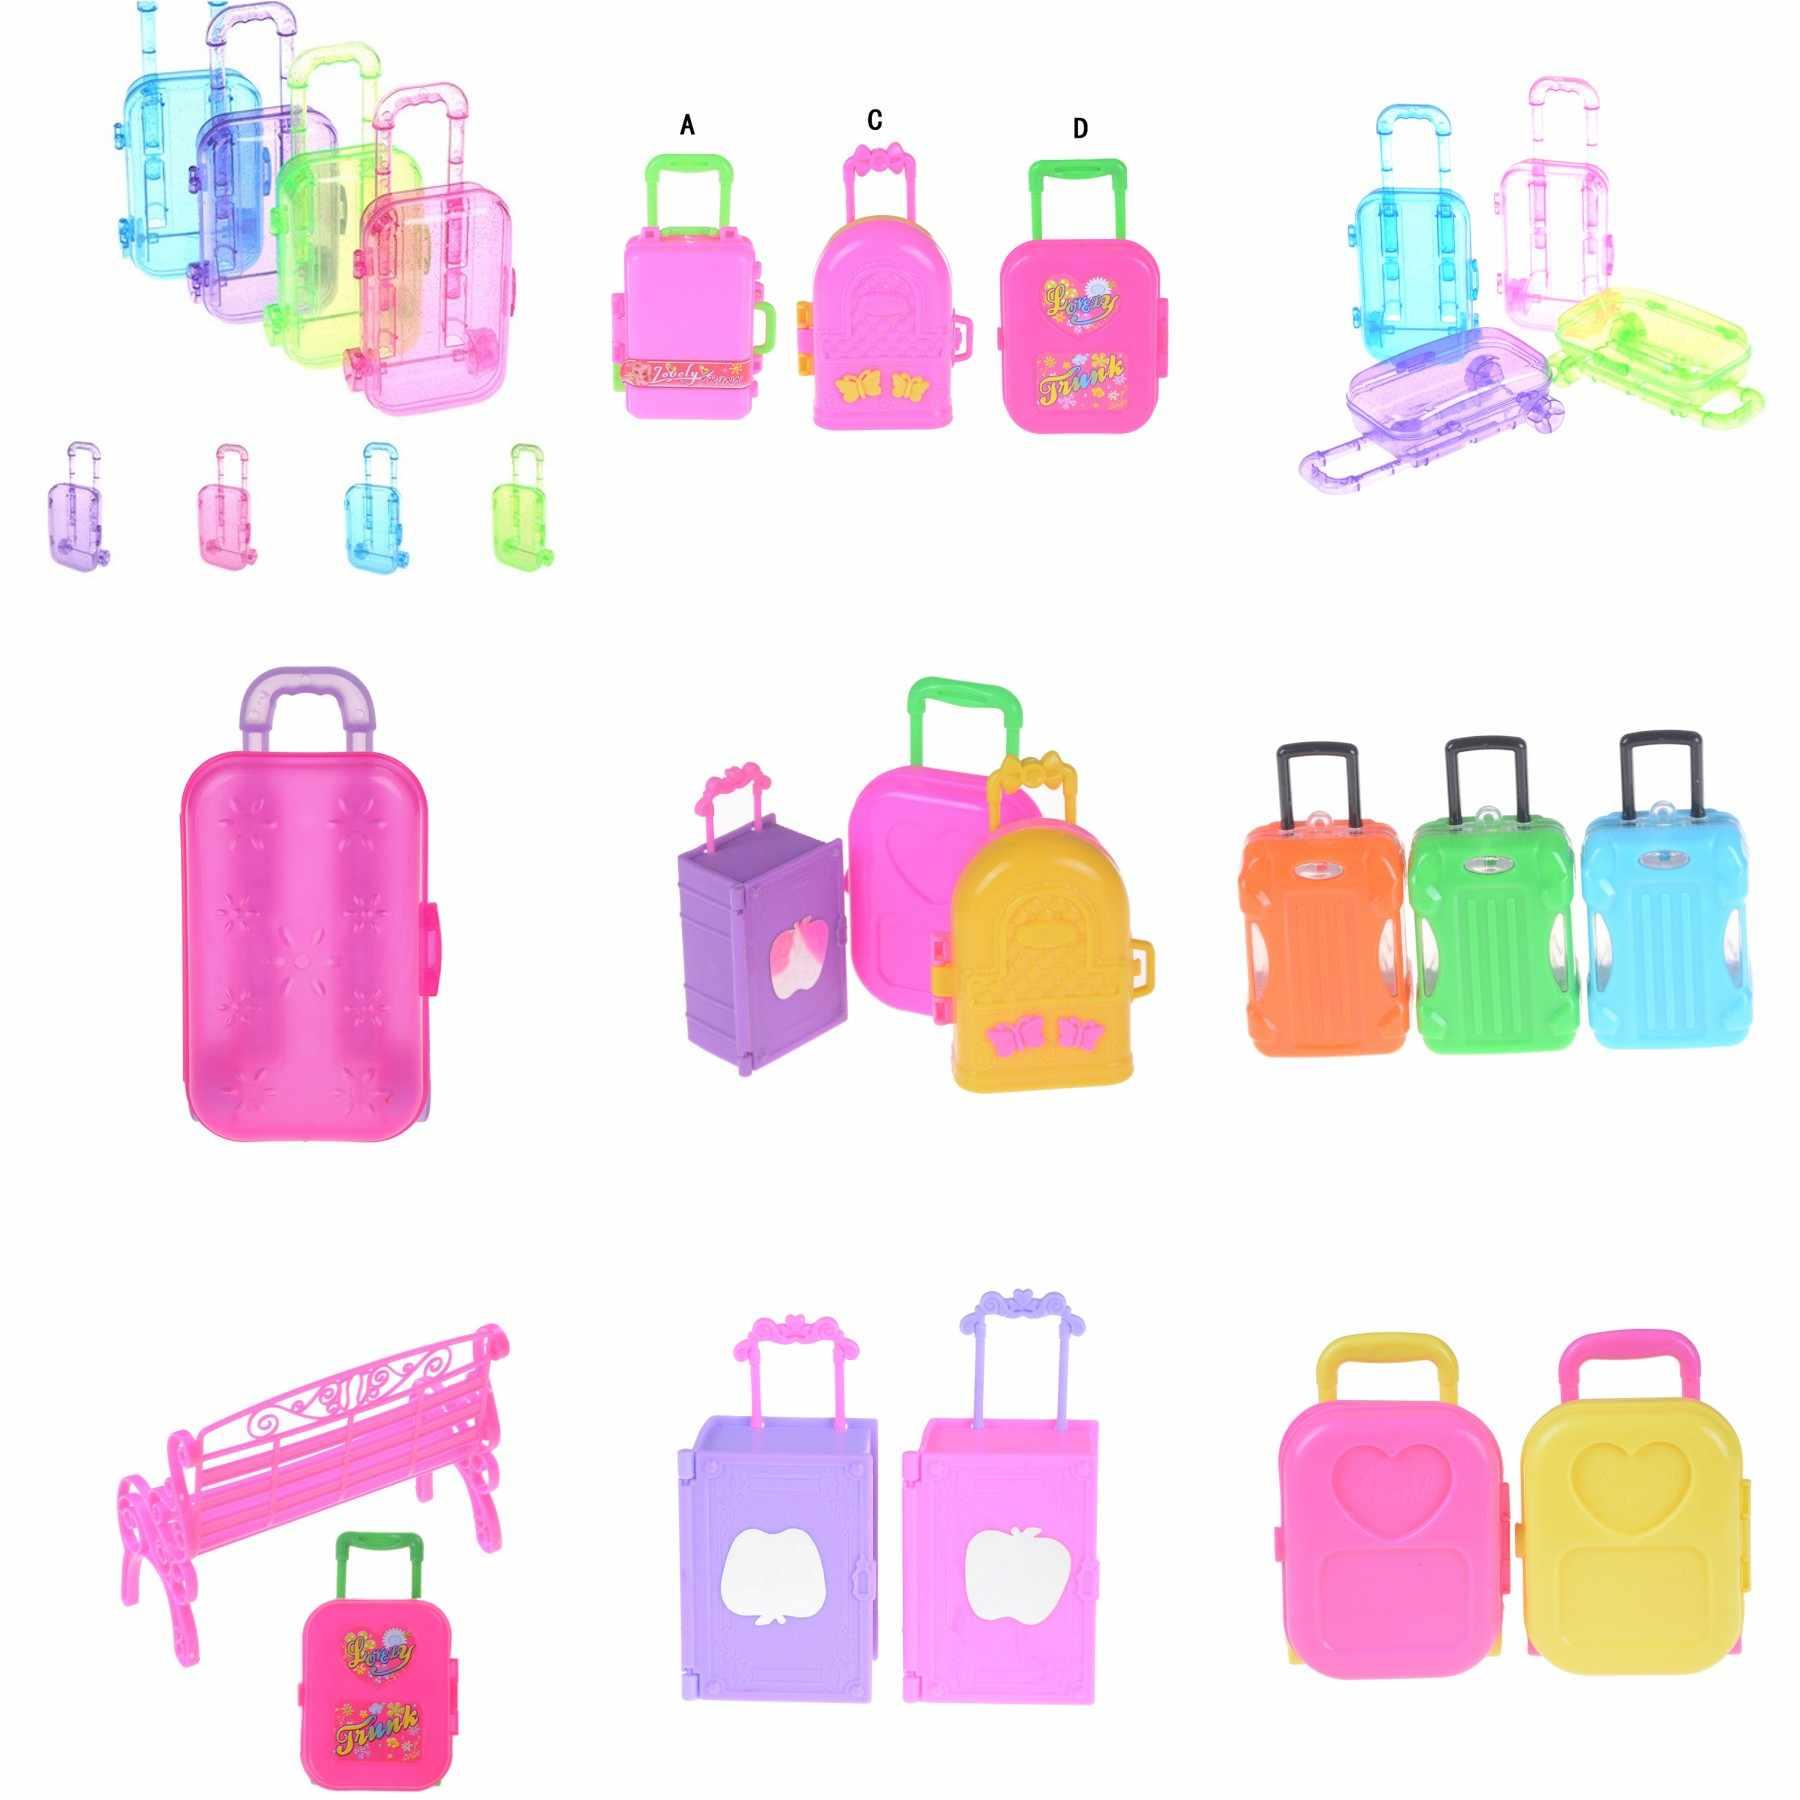 Moda Acessórios Da Boneca Móveis de Plástico Crianças Brinquedos Brincar de Casinha 3D Bagagem Mala de Viagem de Trem Para Boneca Melhor Presente